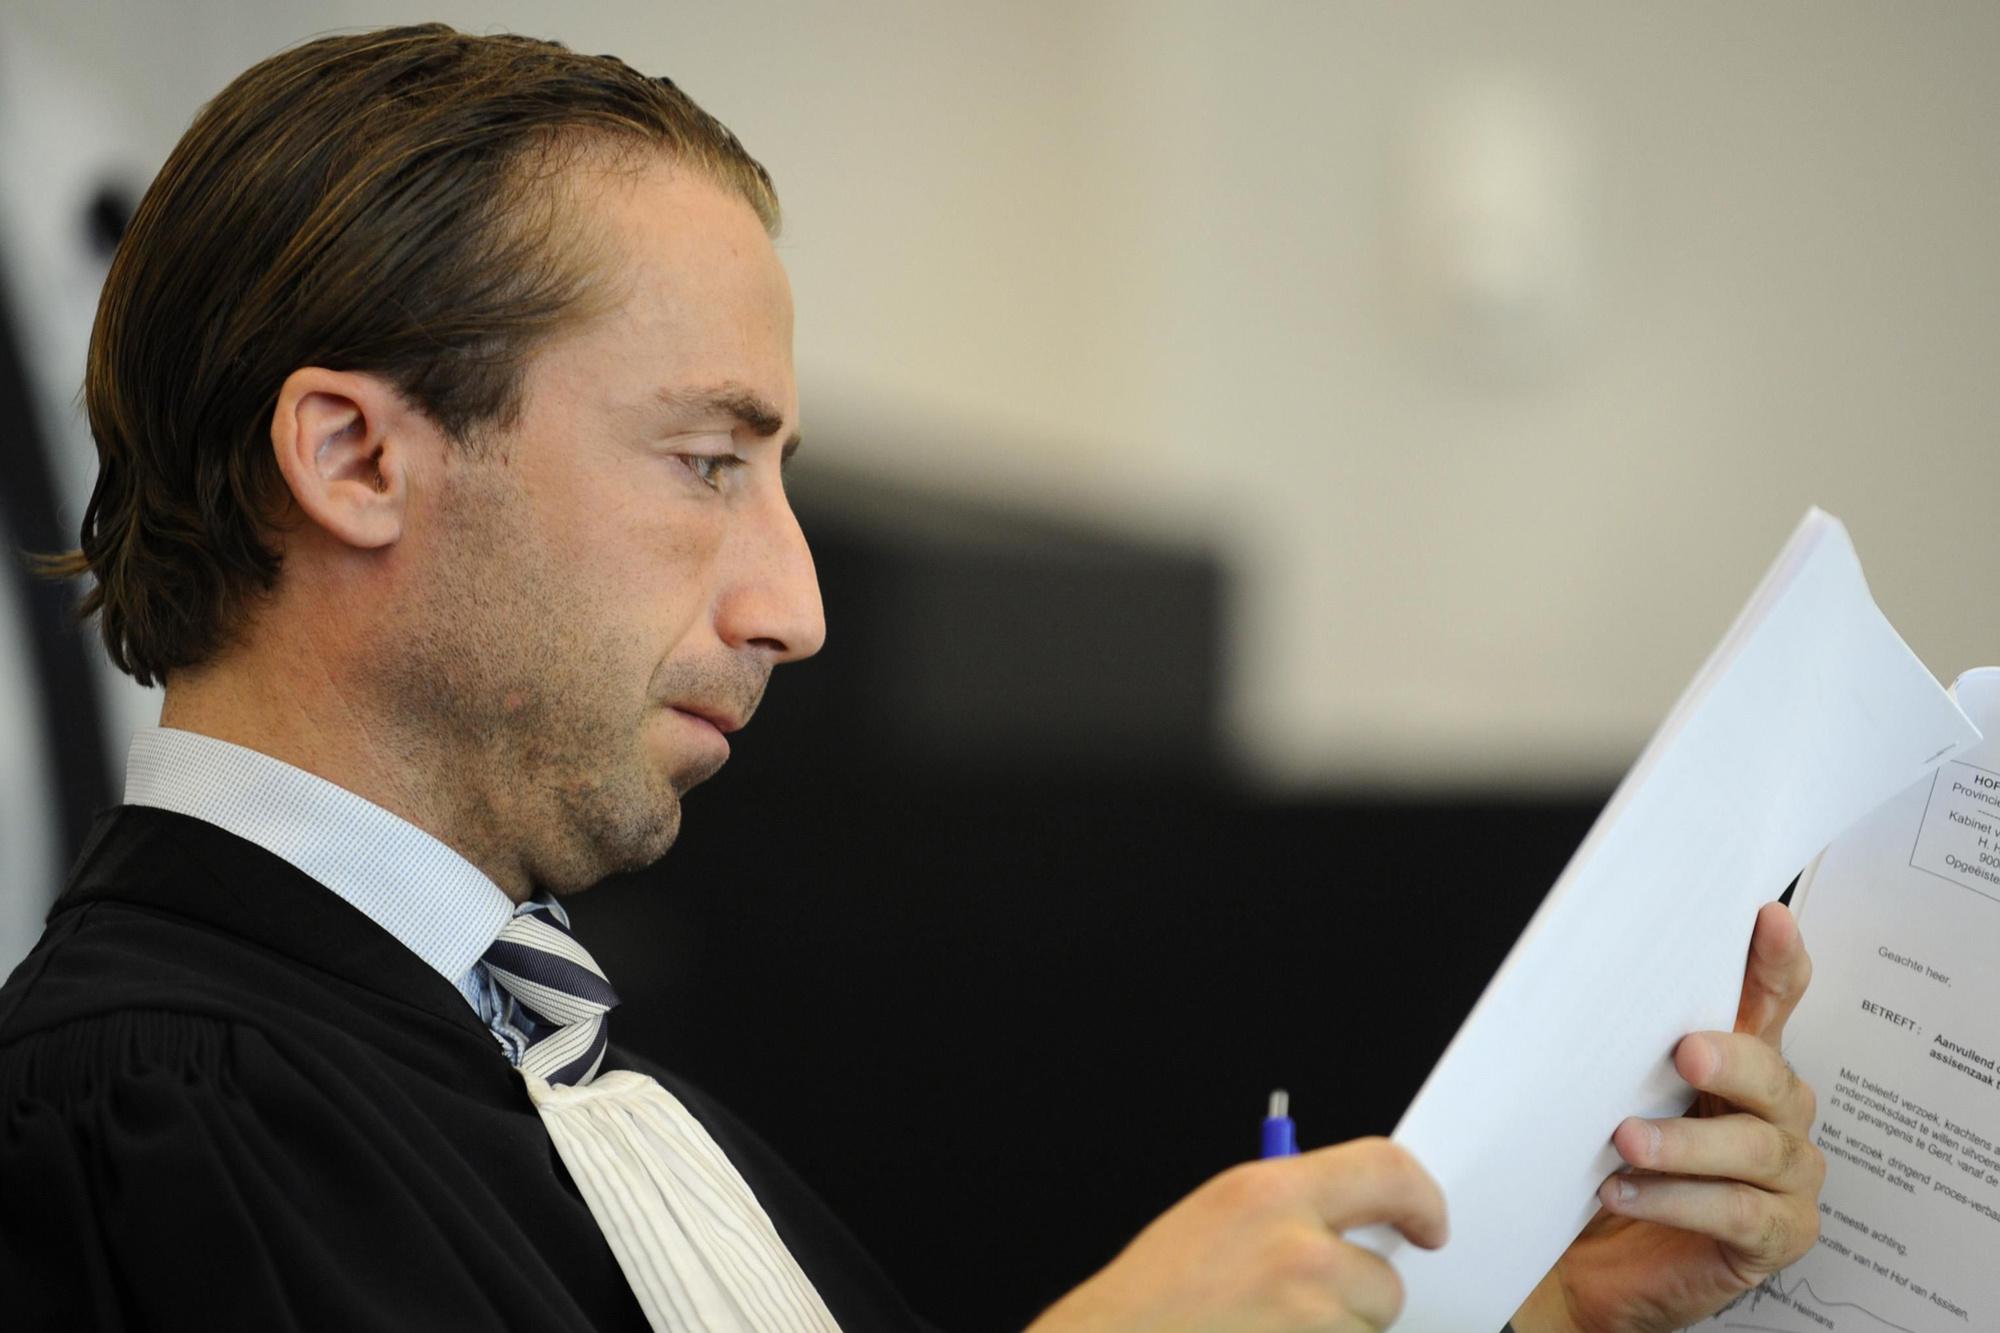 Beerschotadvocaat Thomas Gillis snapt niet dat een veroordeling voor matchfixing geen grond vormt om een proflicentie in te trekken: 'Ook op dat punt is het bondsreglement ontoereikend.', Belga Image